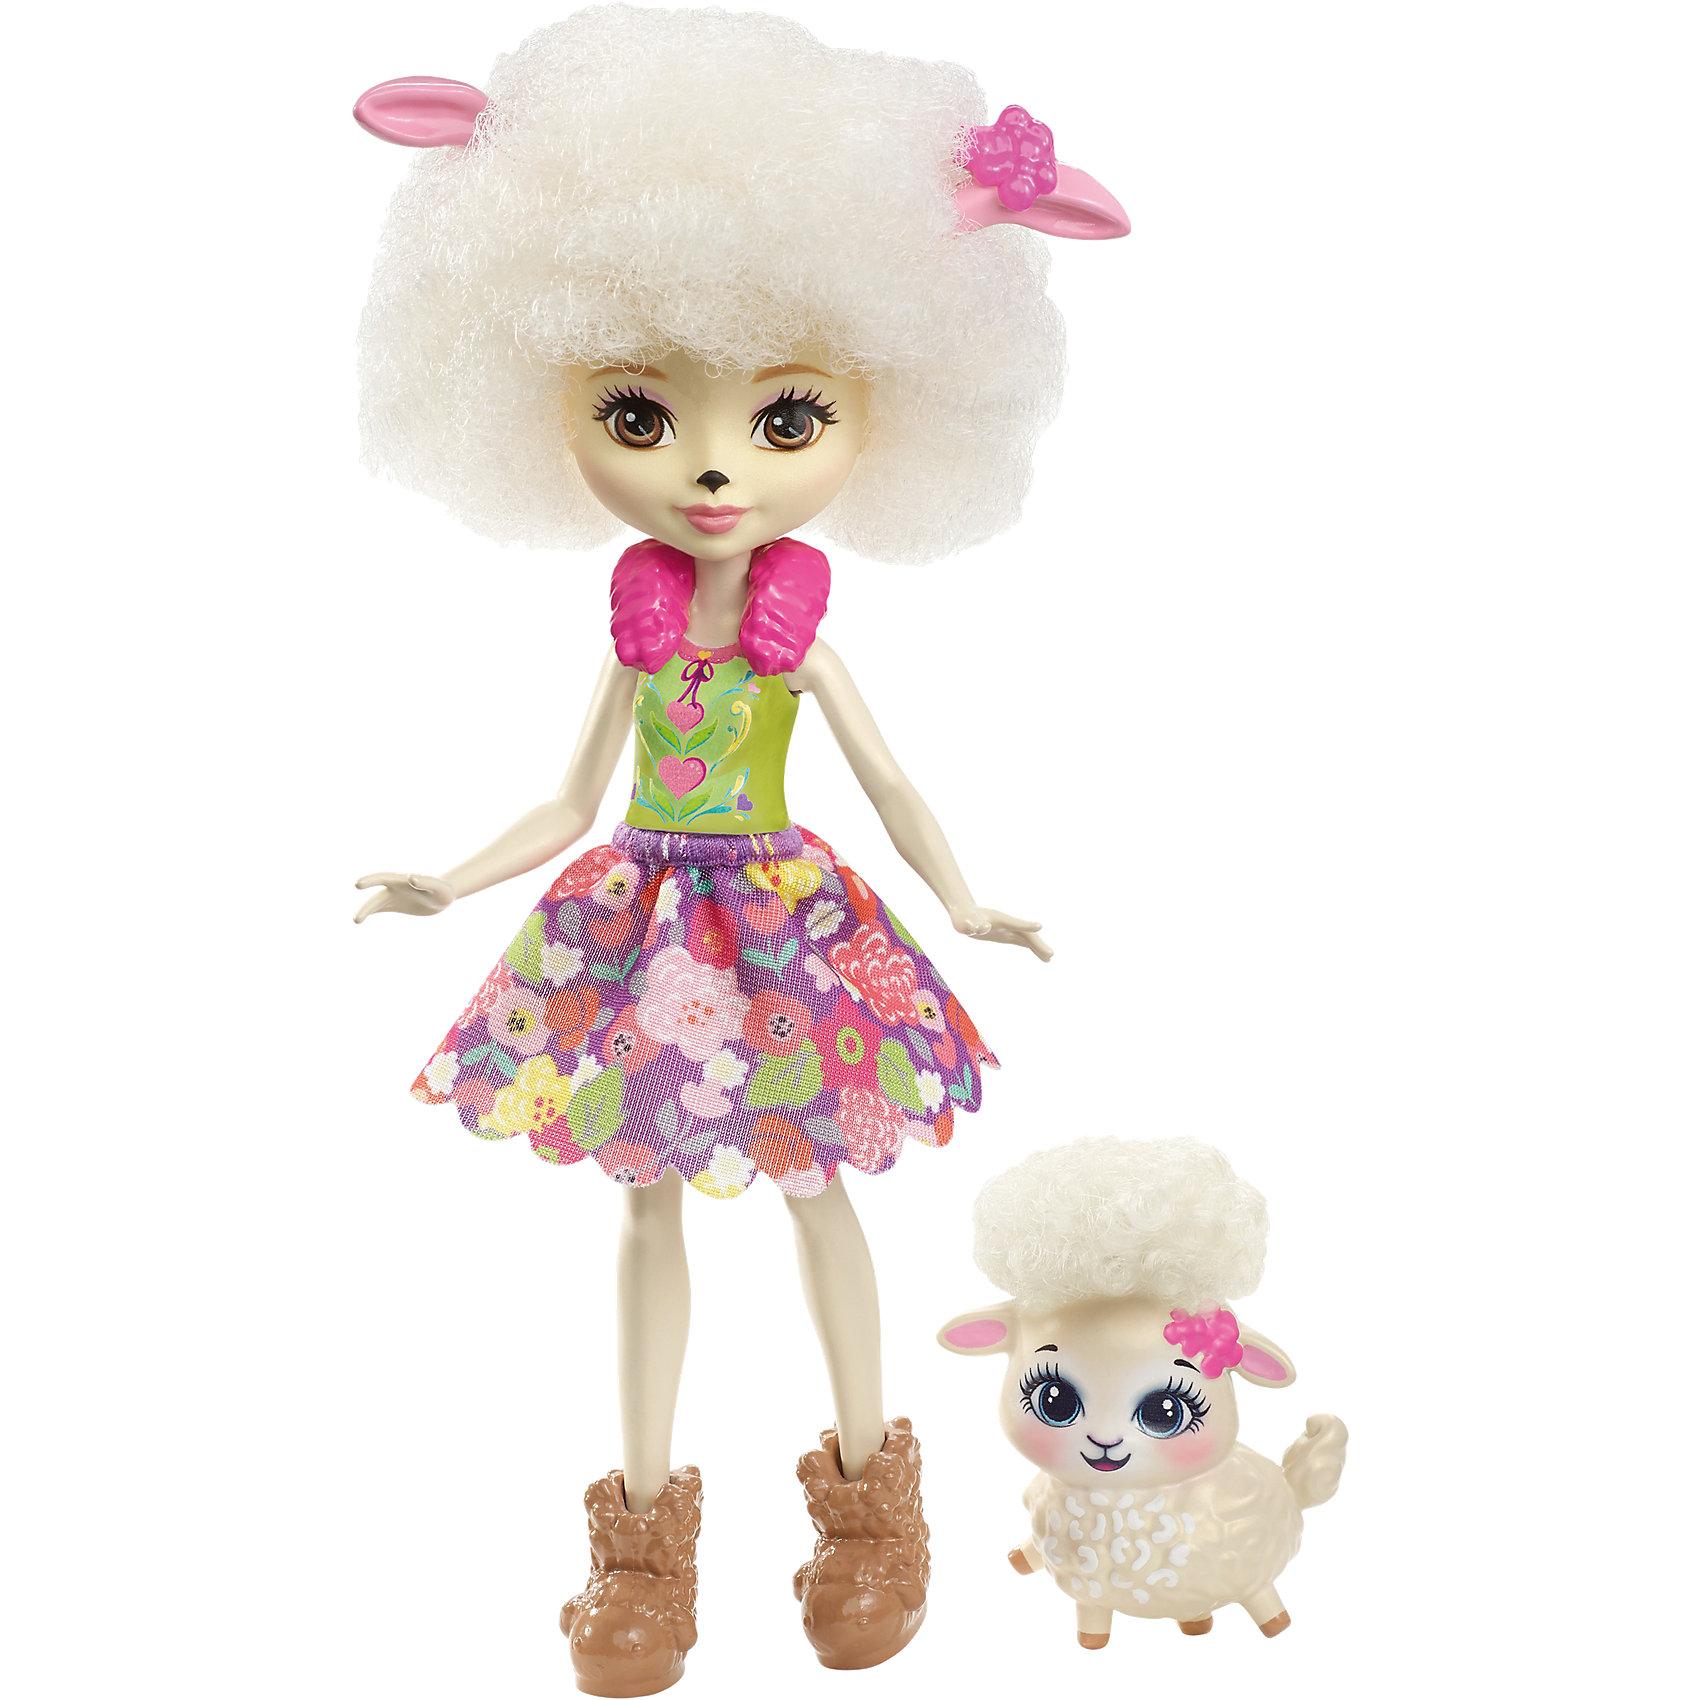 Кукла-овечка Enchantimals Лорна ЛэмбМини-куклы<br>Характеристики товара:<br><br>• возраст: от 3 лет;<br>• пол: девочка;<br>• материал: пластик, текстиль<br>• высота куклы: 15 см;<br>• в комплекте : кукла, фигурка питомца; <br>• подвижные руки, ноги и голова кукол;<br>• мягкие волосы, которые можно расчесывать;                                         <br>• страна-производитель: Индонезия;                                    <br>• размер упаковки: 5,5х10х32,5 см.<br><br>Новинка от Mattel!!!<br>Перед вами Лорна Барашка и ее милая пушистая овечка Флаг. Они так похожи! У Лорны есть ушки, носик и кудрявые волосы прямо как у ее зверька. Её наряд просто роскошен: меховой розовый воротник, зелёный топ и пышная юбка с цветочным принтом. А еще на ножках нашей героини красуются туфельки в виде овечек, дополняющие образ.<br><br>У Флаг милая мордочка, лапки и ушки, большие глазки и пушистые кудряшки. <br><br>Куклу Лорна Барашка от Mattel можно купить в нашем интернет-магазине.<br><br>Ширина мм: 125<br>Глубина мм: 55<br>Высота мм: 215<br>Вес г: 150<br>Возраст от месяцев: 72<br>Возраст до месяцев: 120<br>Пол: Женский<br>Возраст: Детский<br>SKU: 6739702